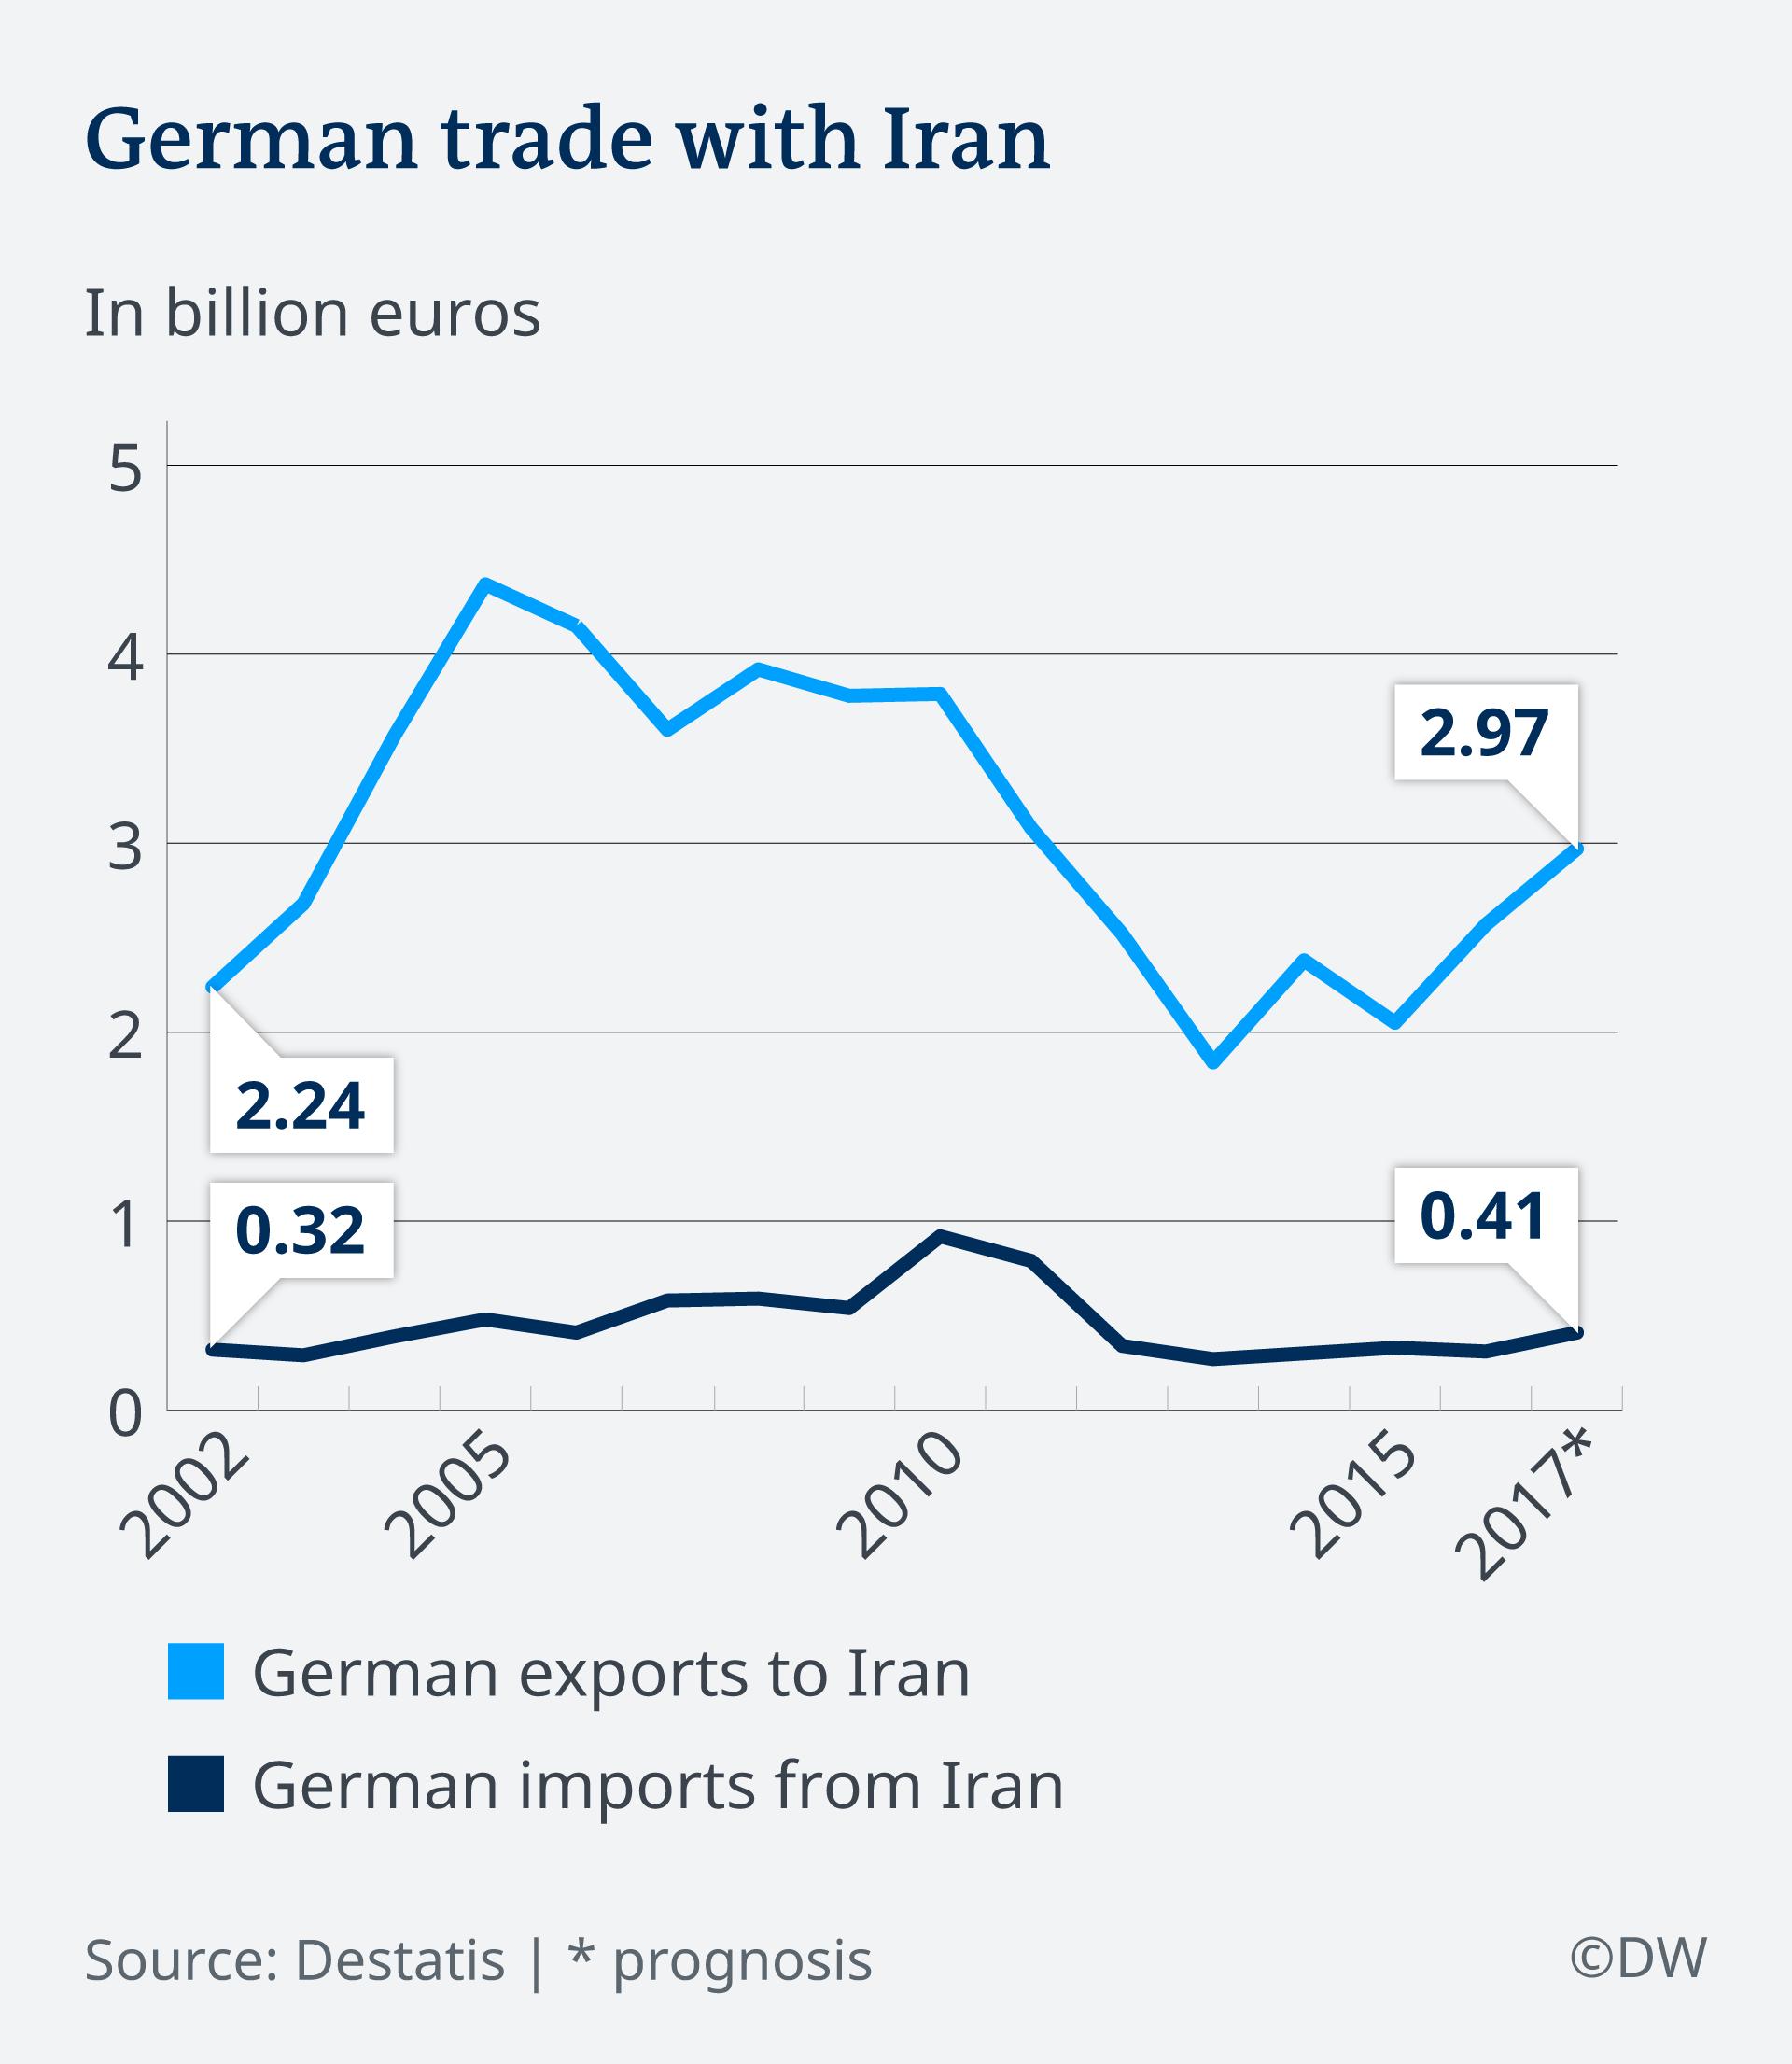 حجم معاملات تجاری ایران و آلمان